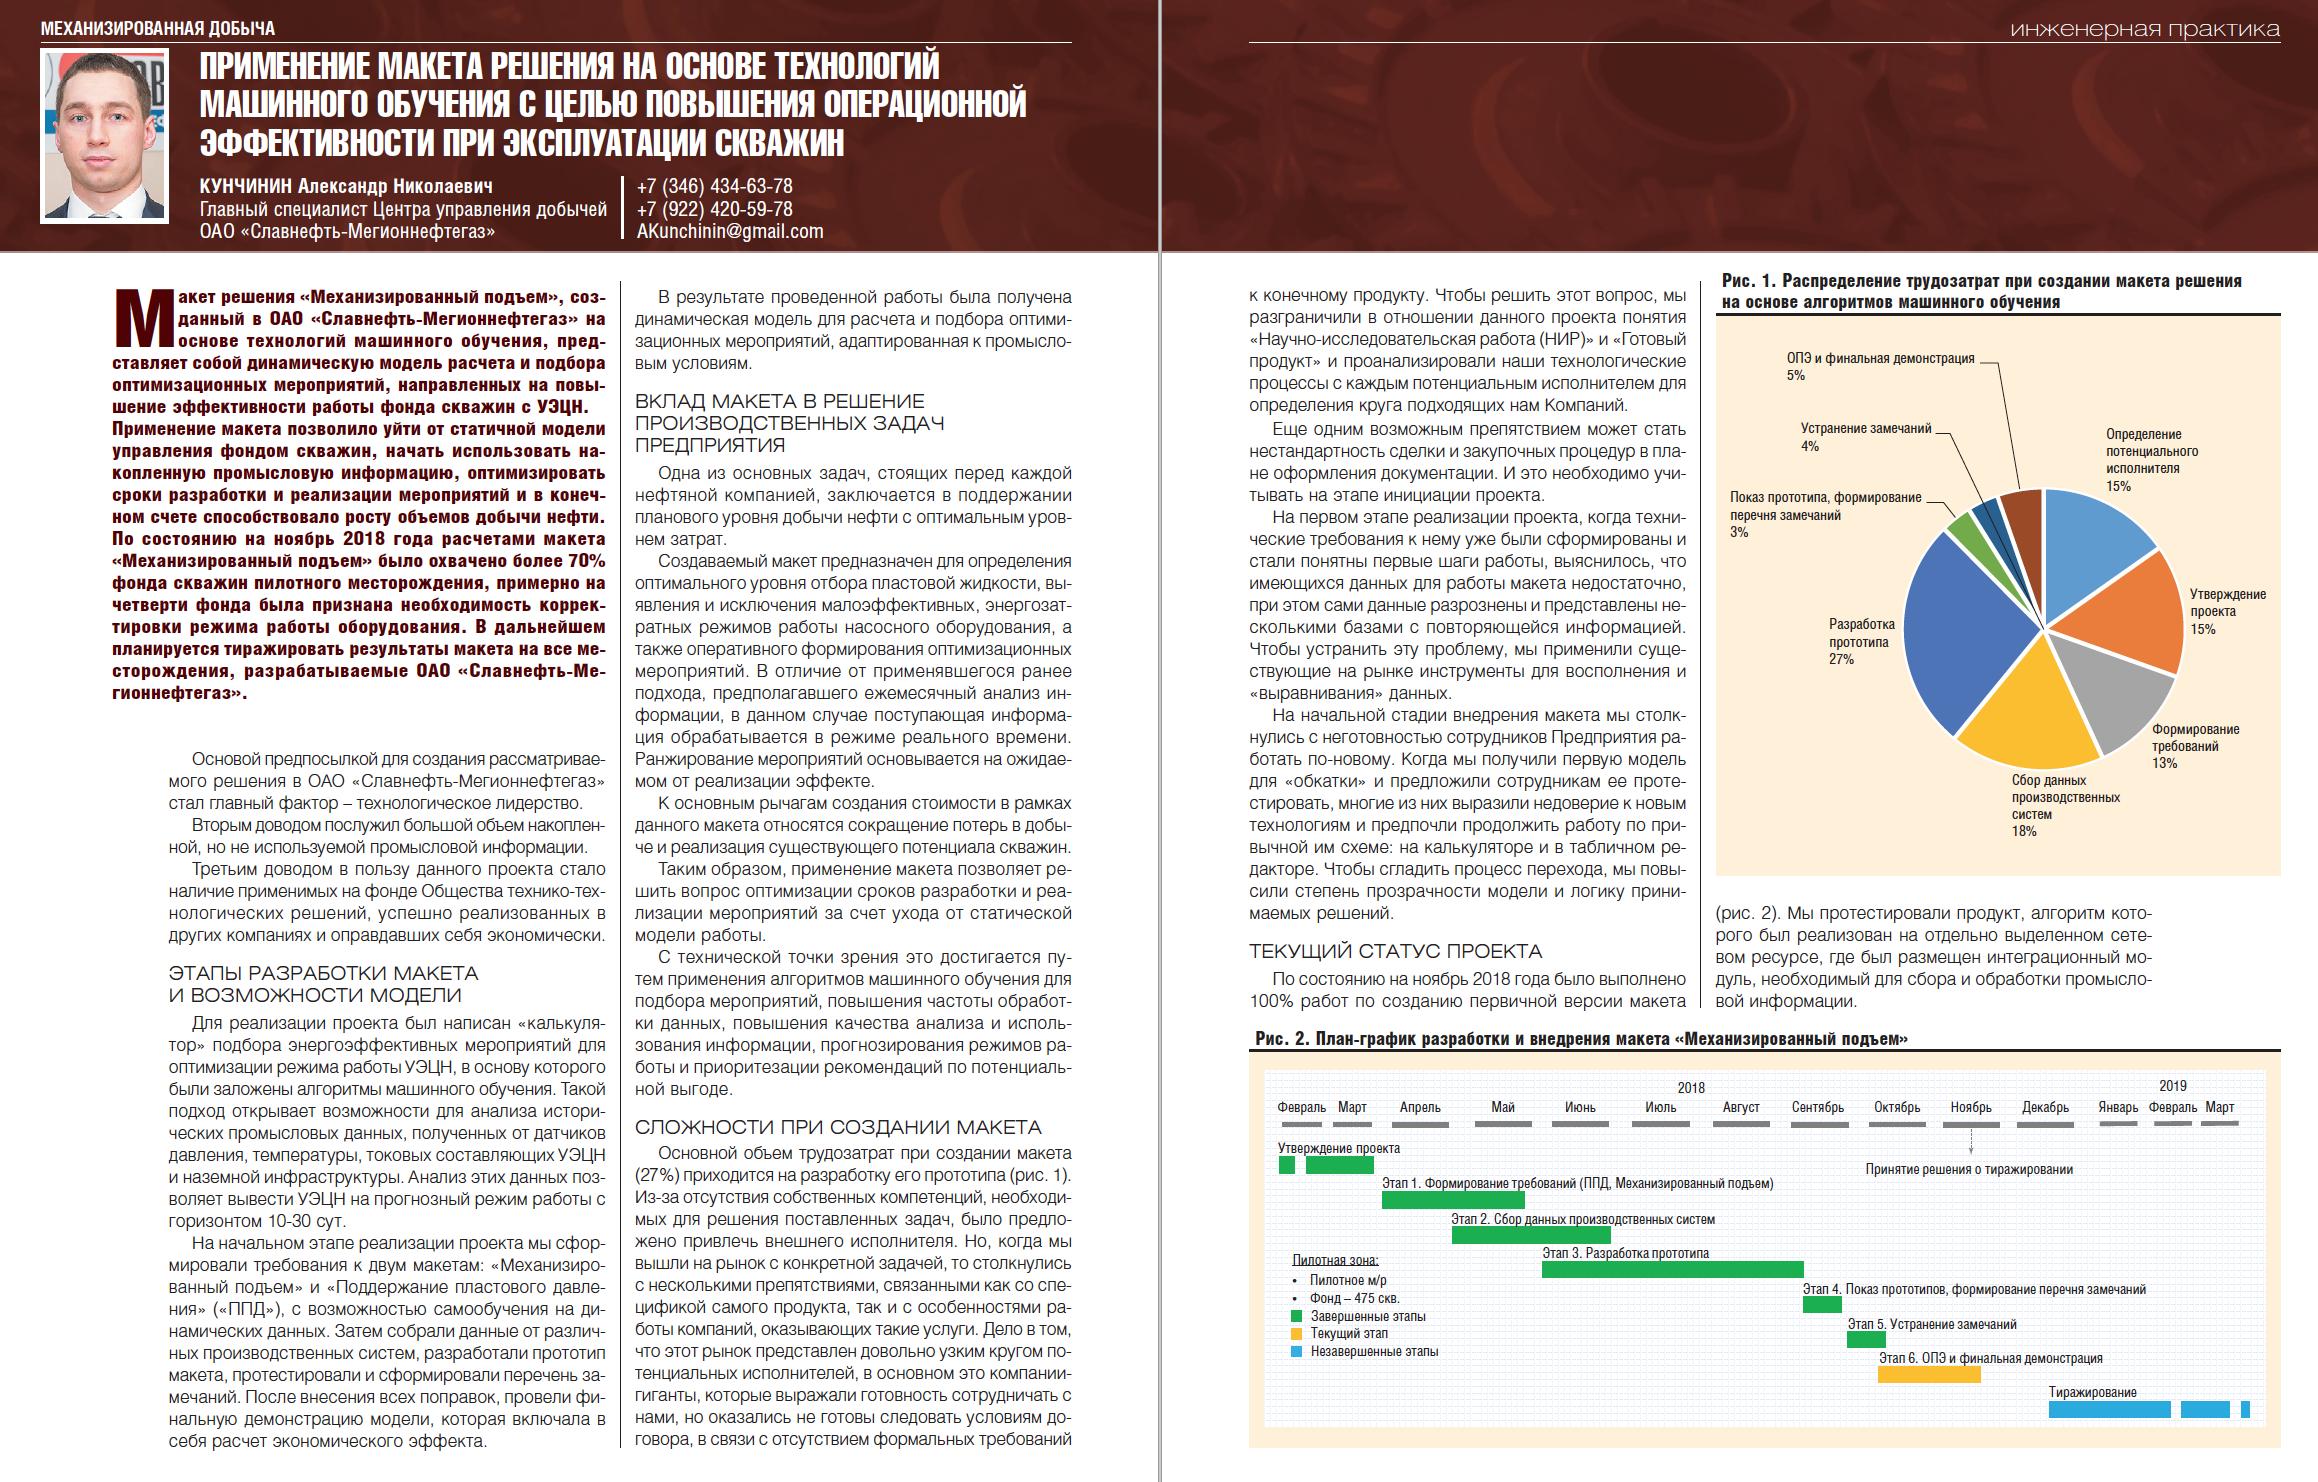 29045 Применение решения на основе технологий машинного обучения для повышения эффективности эксплуатации скважин